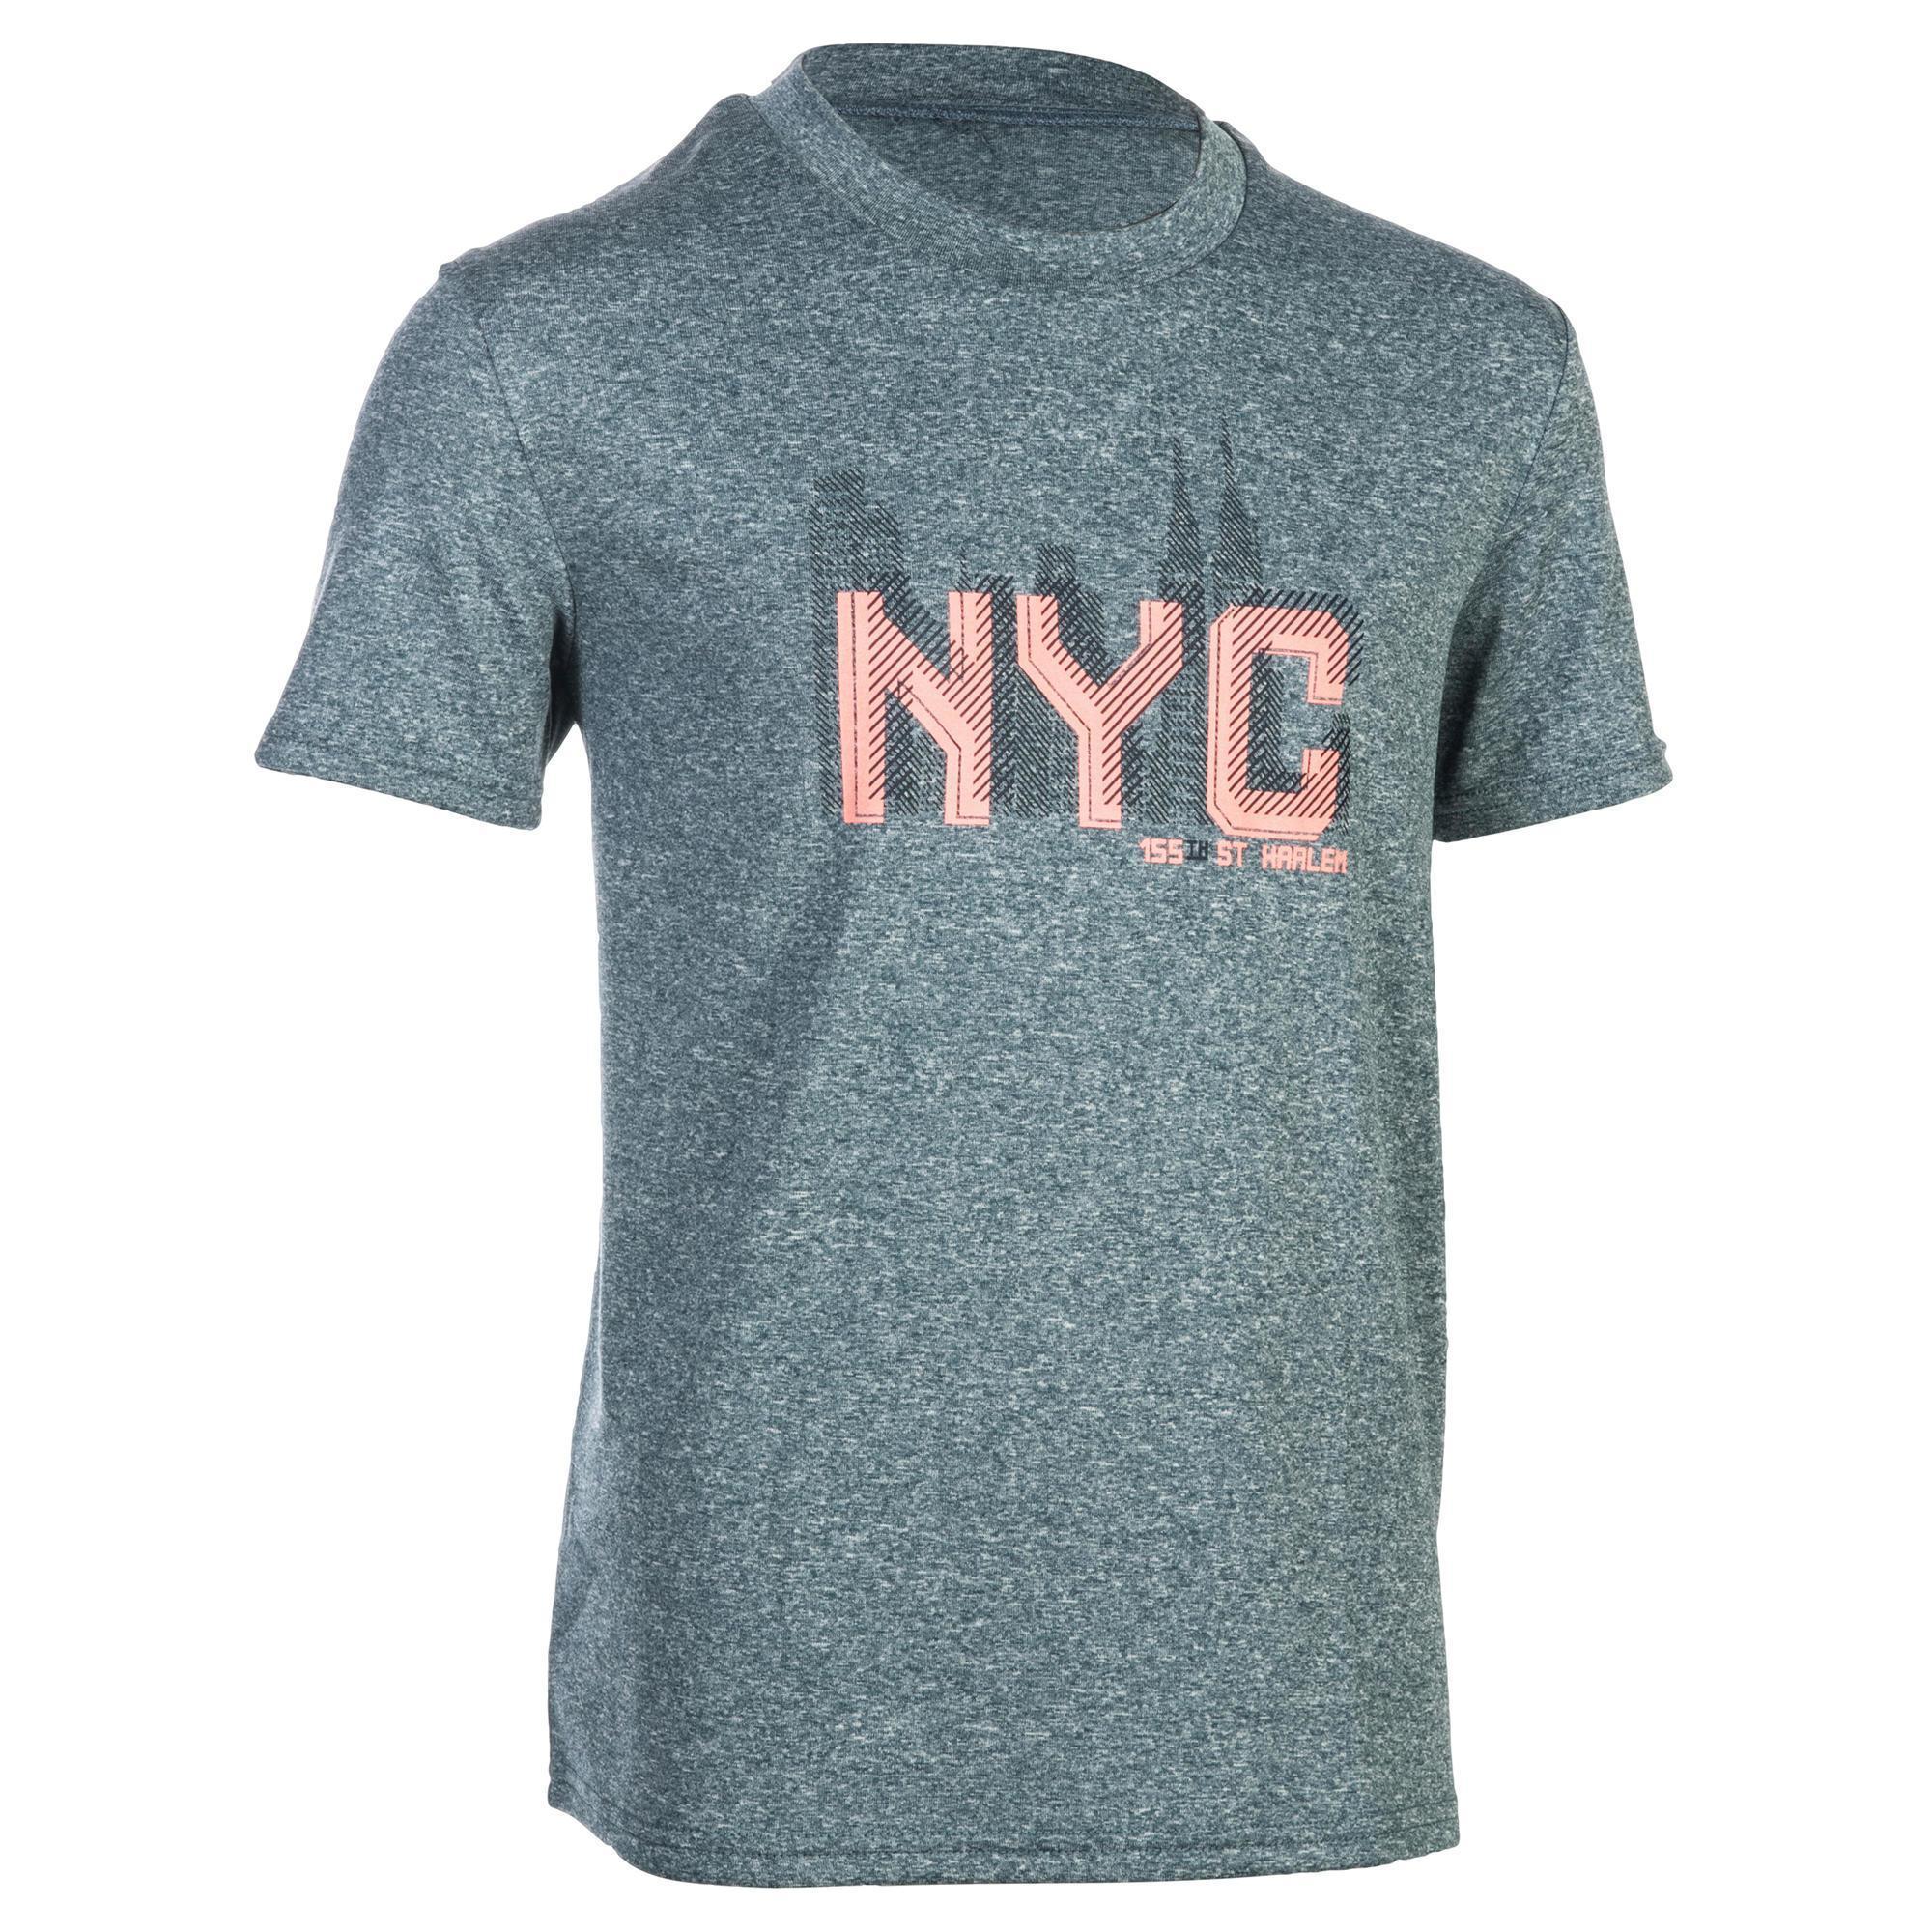 Tarmak Basketbal T-shirt Fast jongens/meisjes halfgevorderden blauw grijs NYC